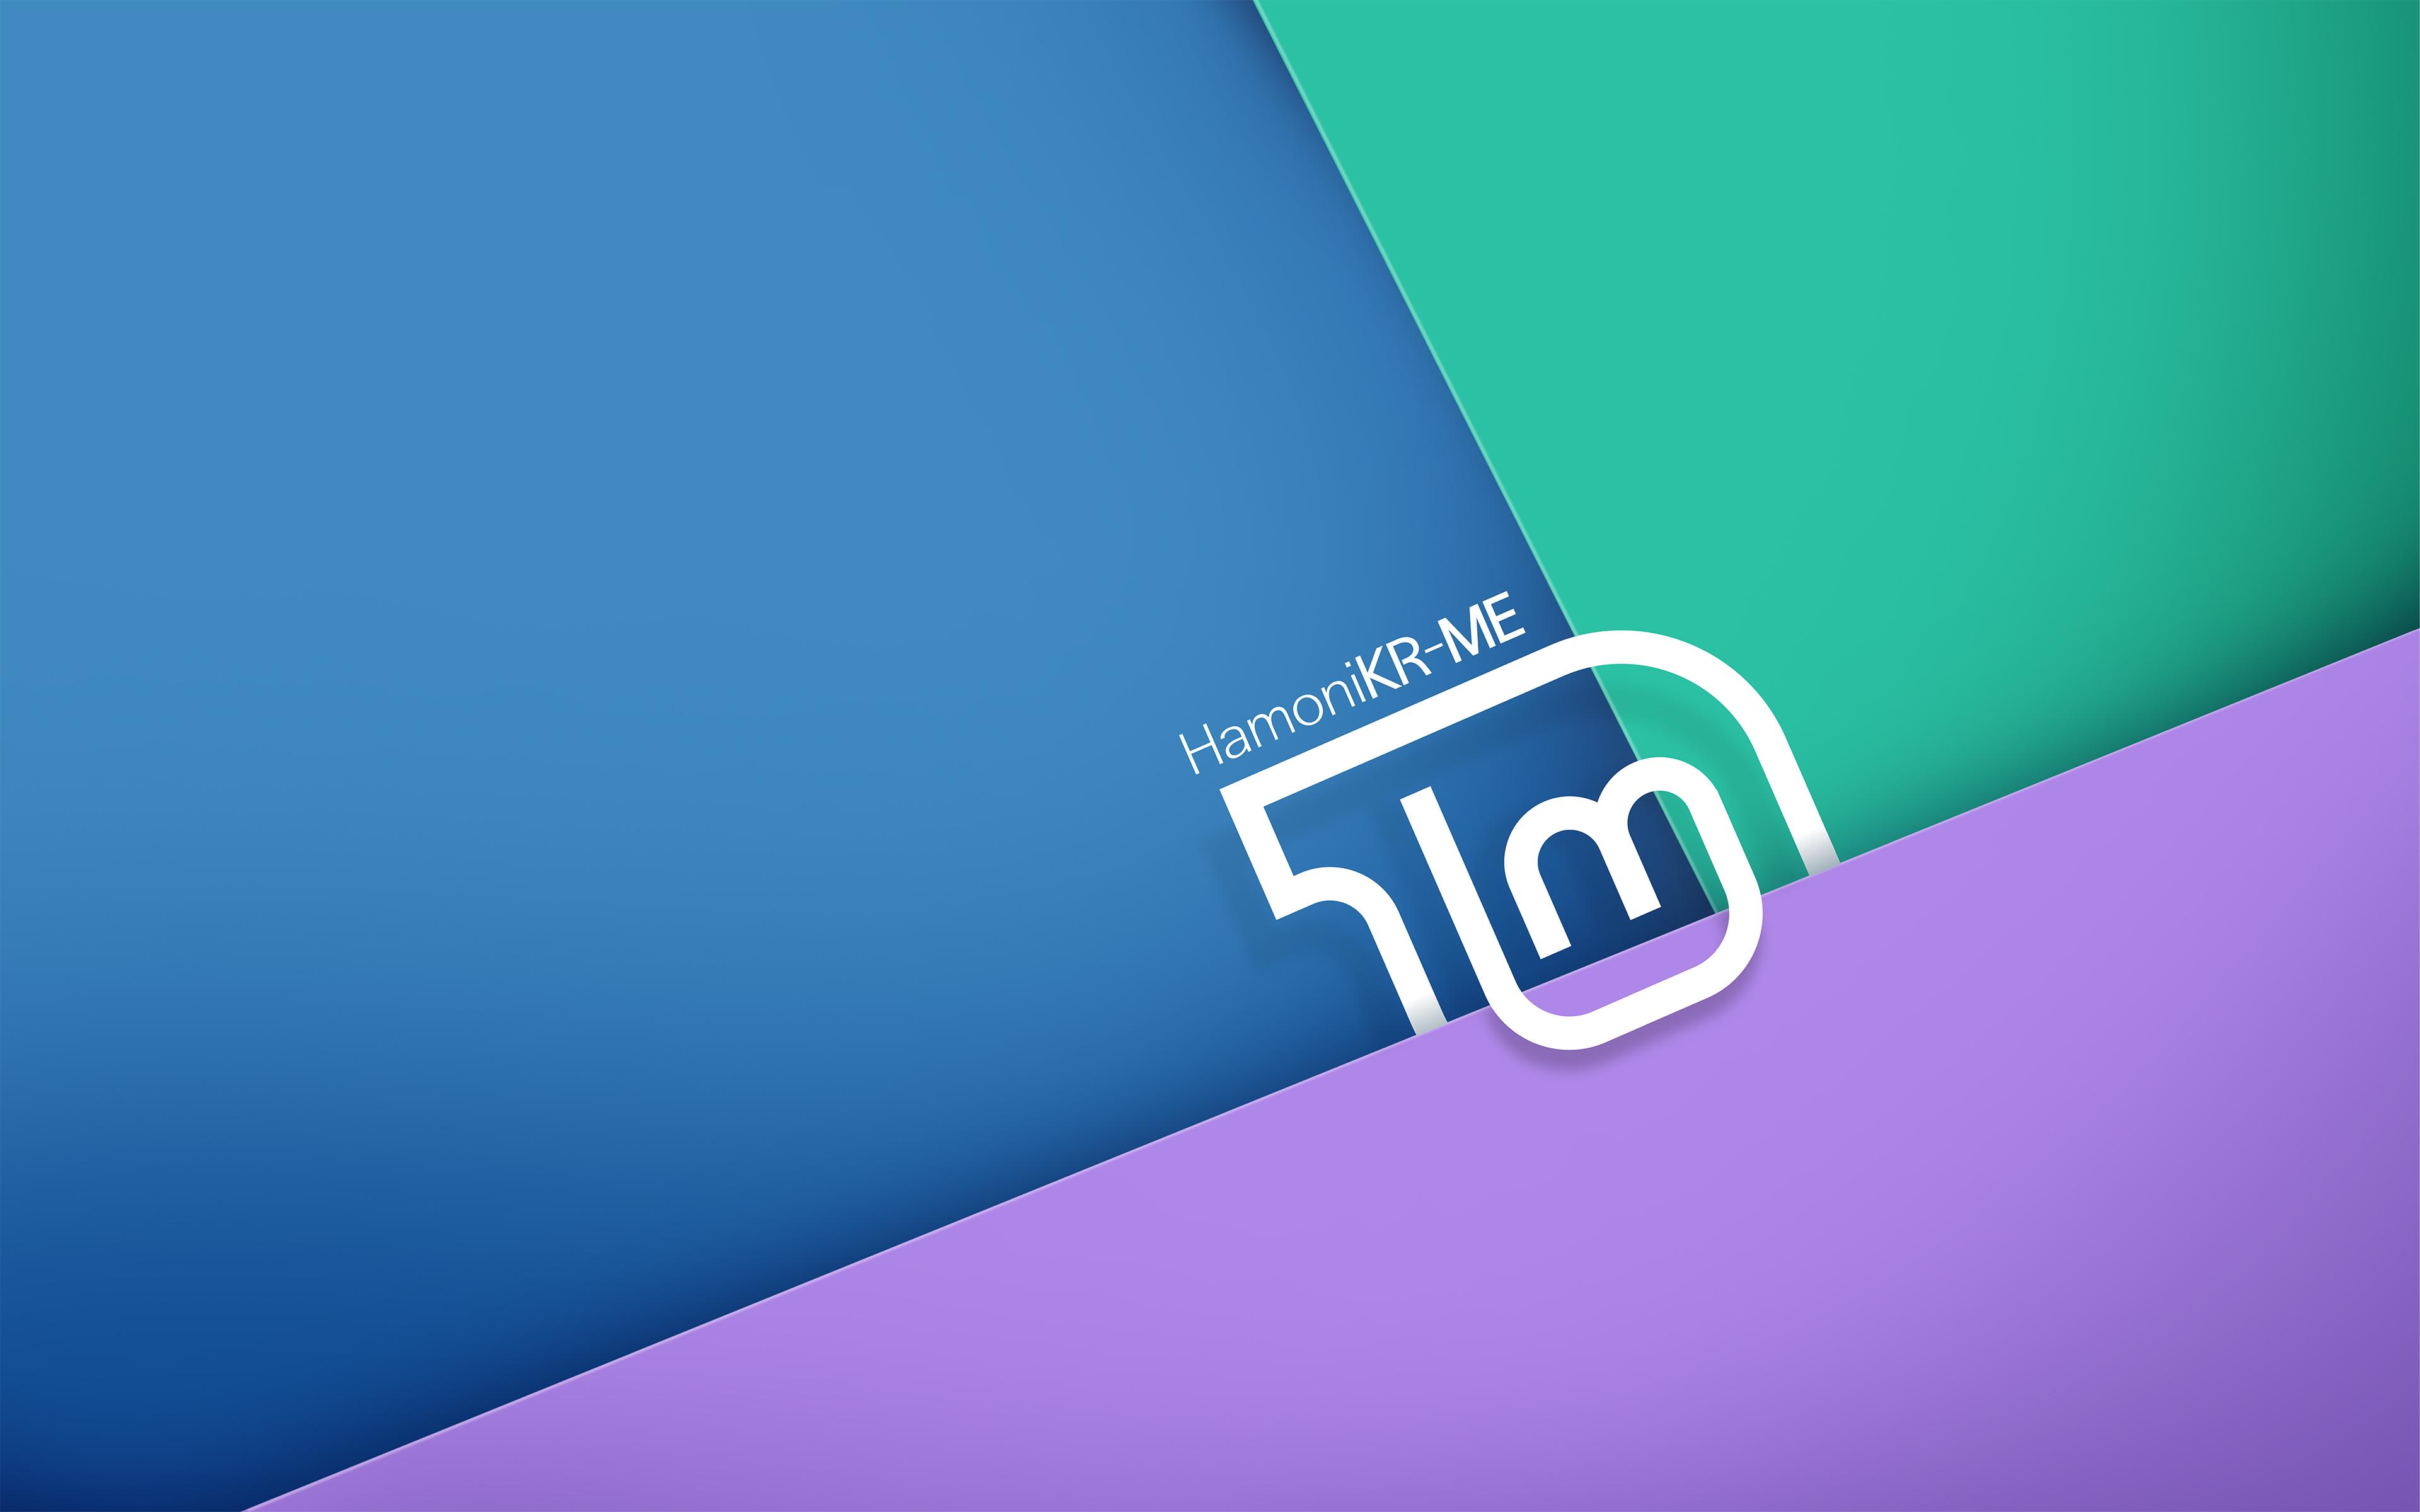 hamoniKR-ME_3840x2400_bg1.jpg